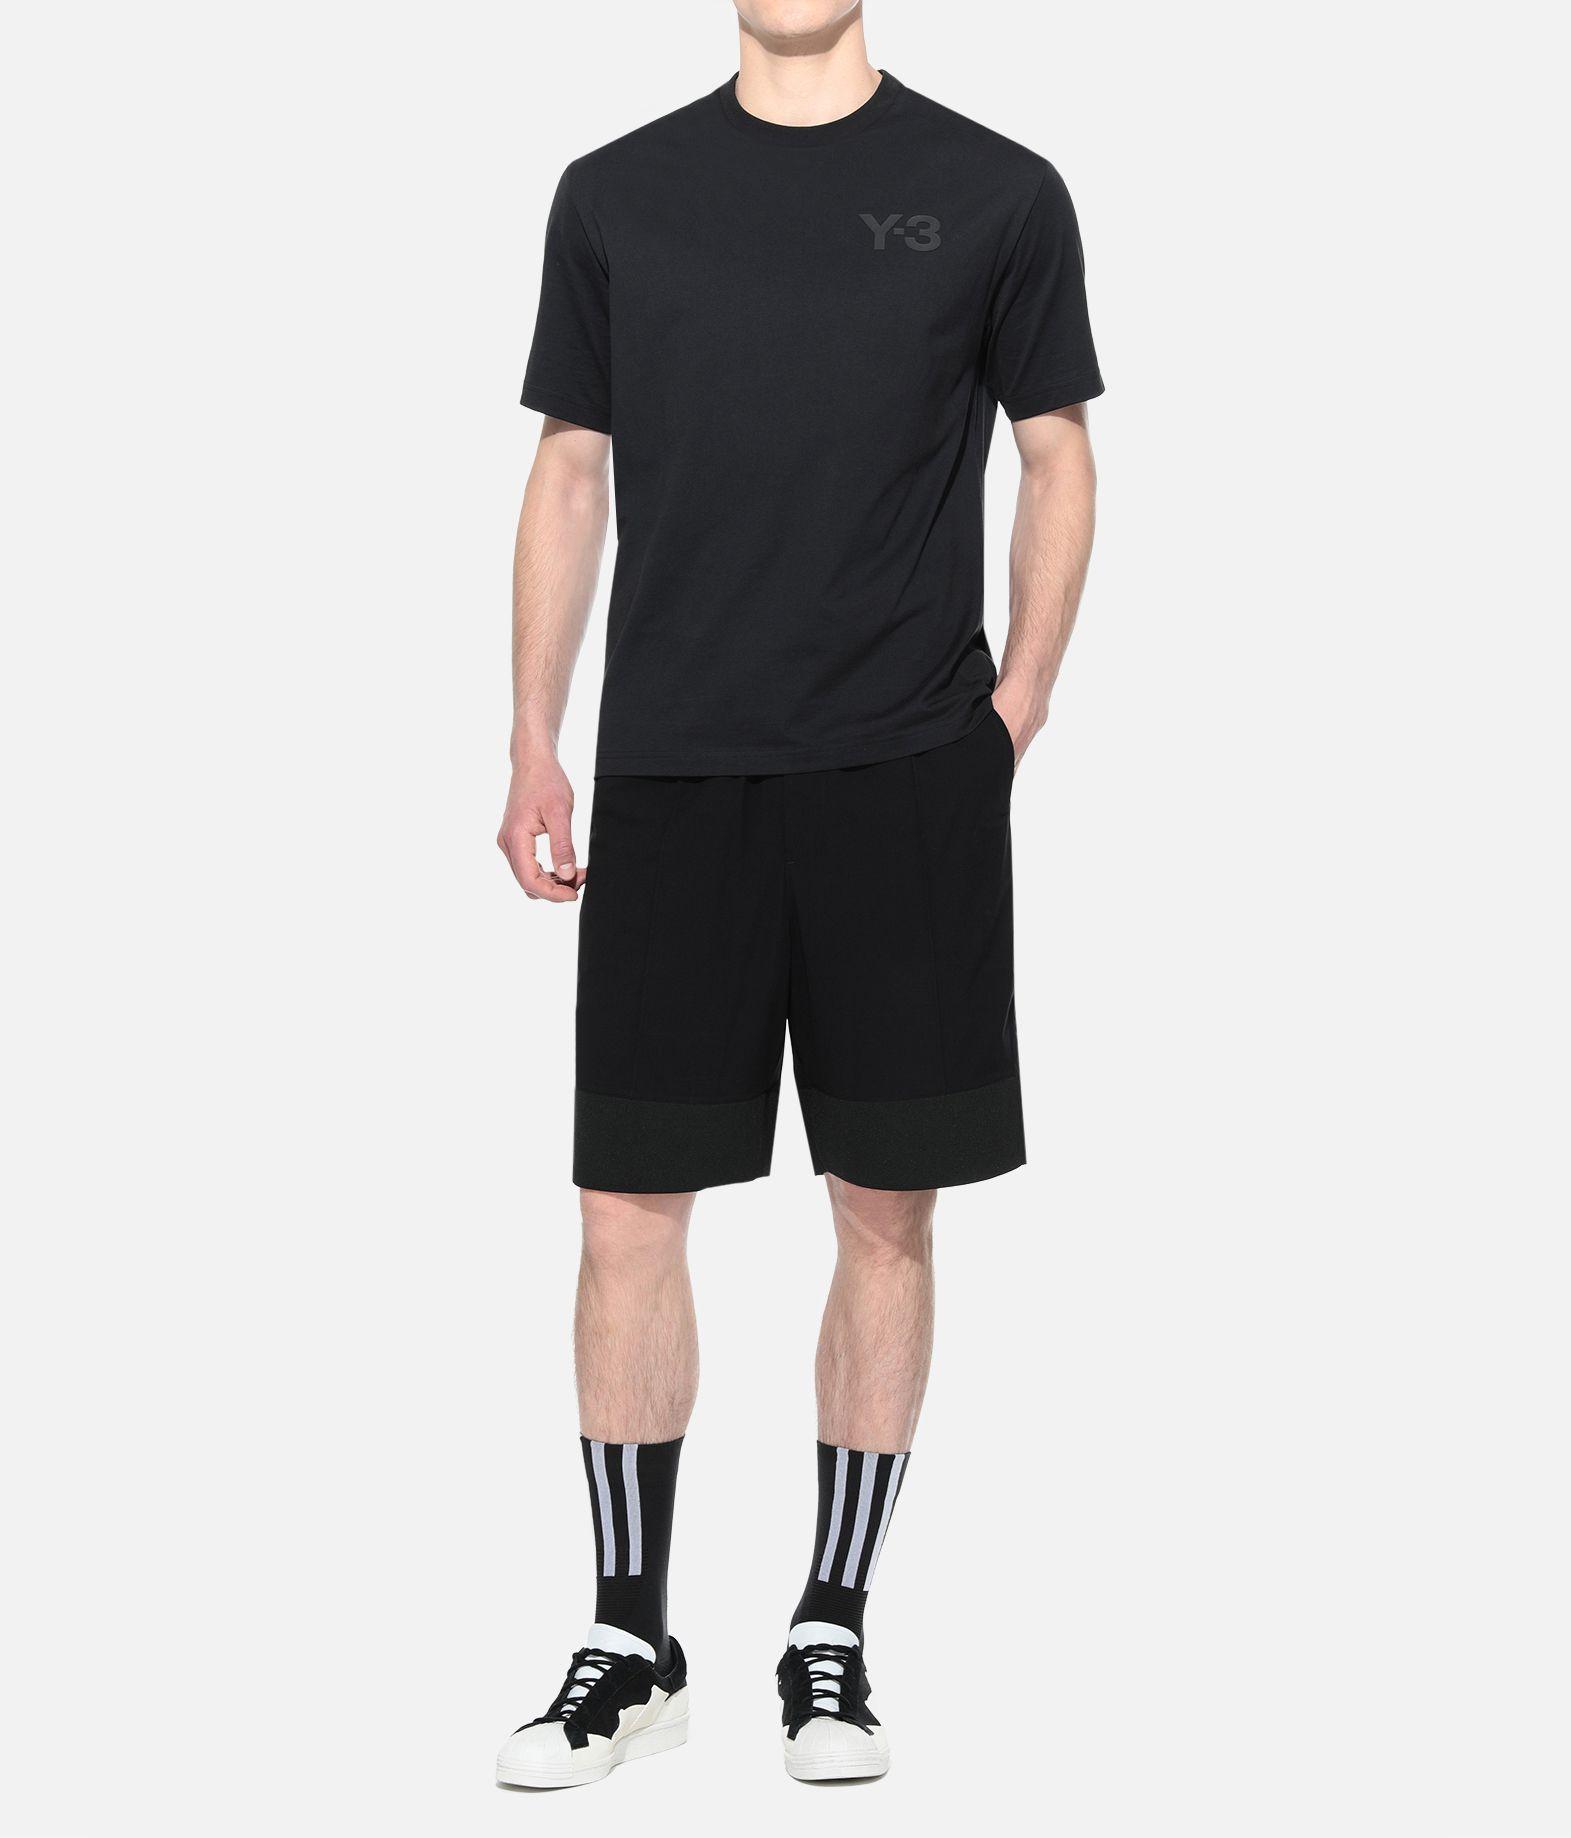 Y-3 Y-3 Logo Tee T-shirt maniche corte Uomo a